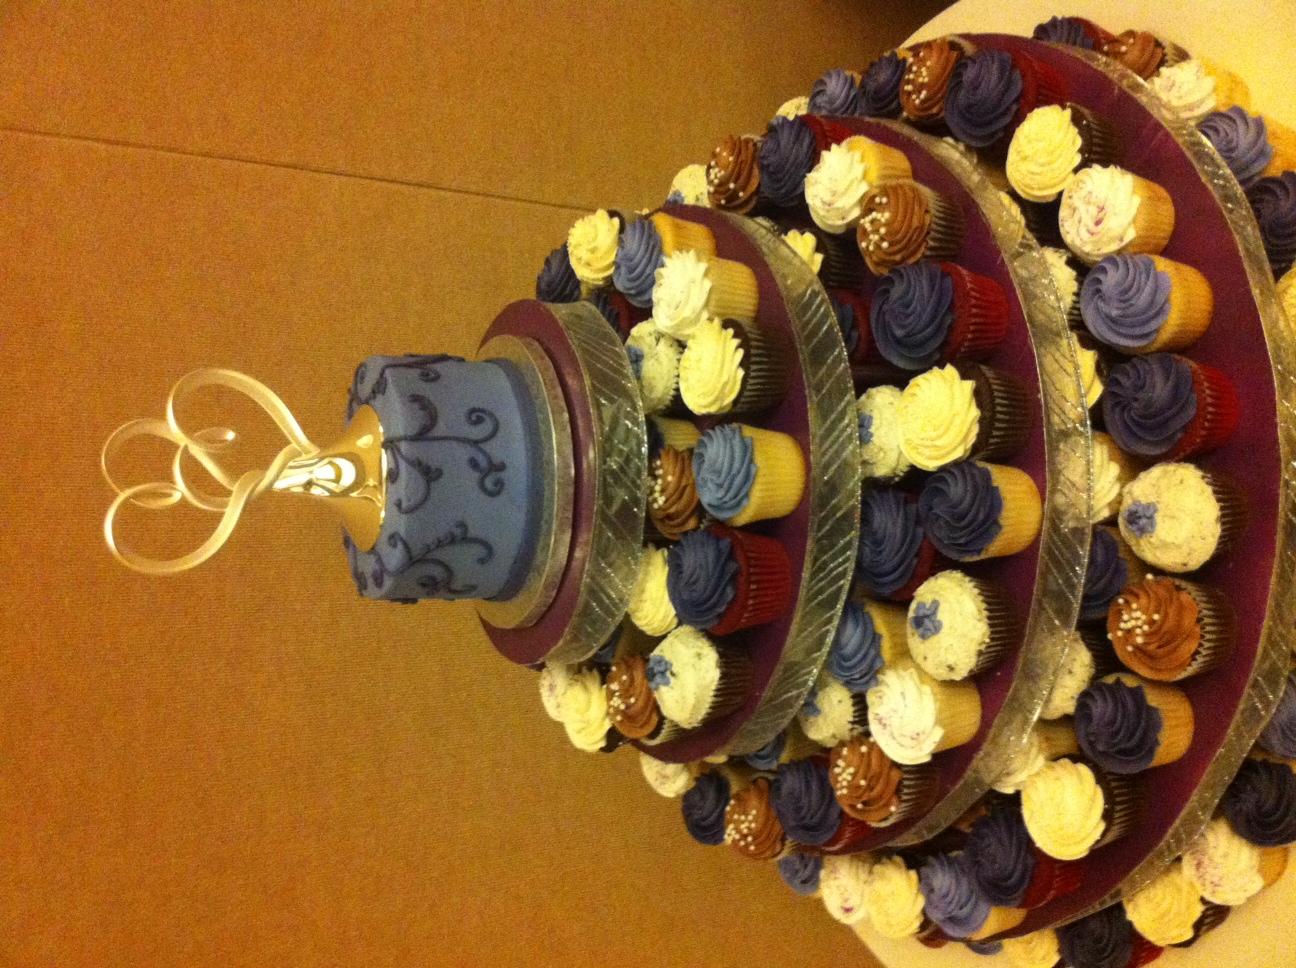 Eggplant Cupcakes